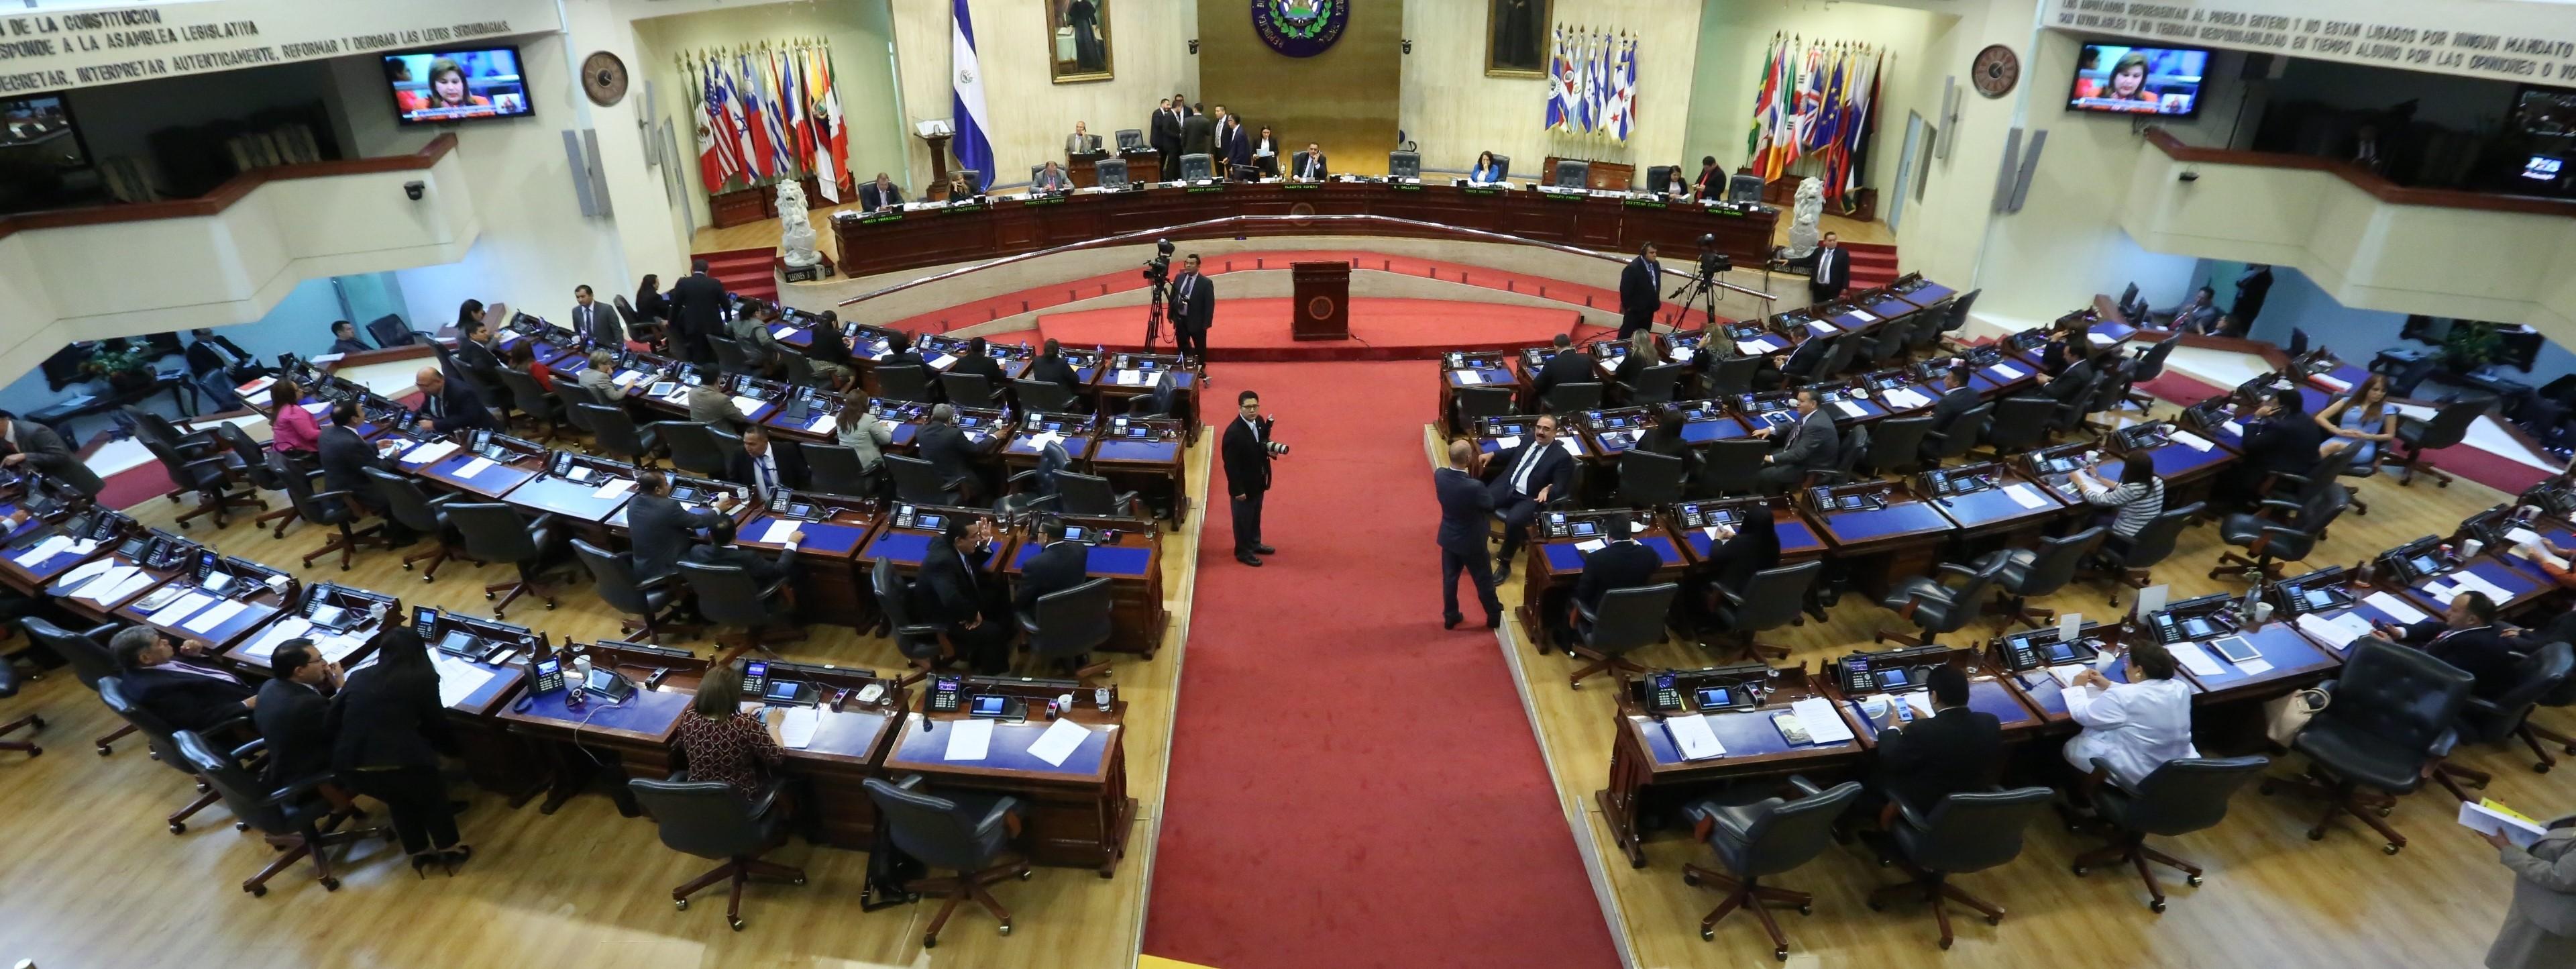 Aprueban recomendable para Ministerio de Hacienda un refuerzo presupuestario para cubrir comprar semilla de frijol